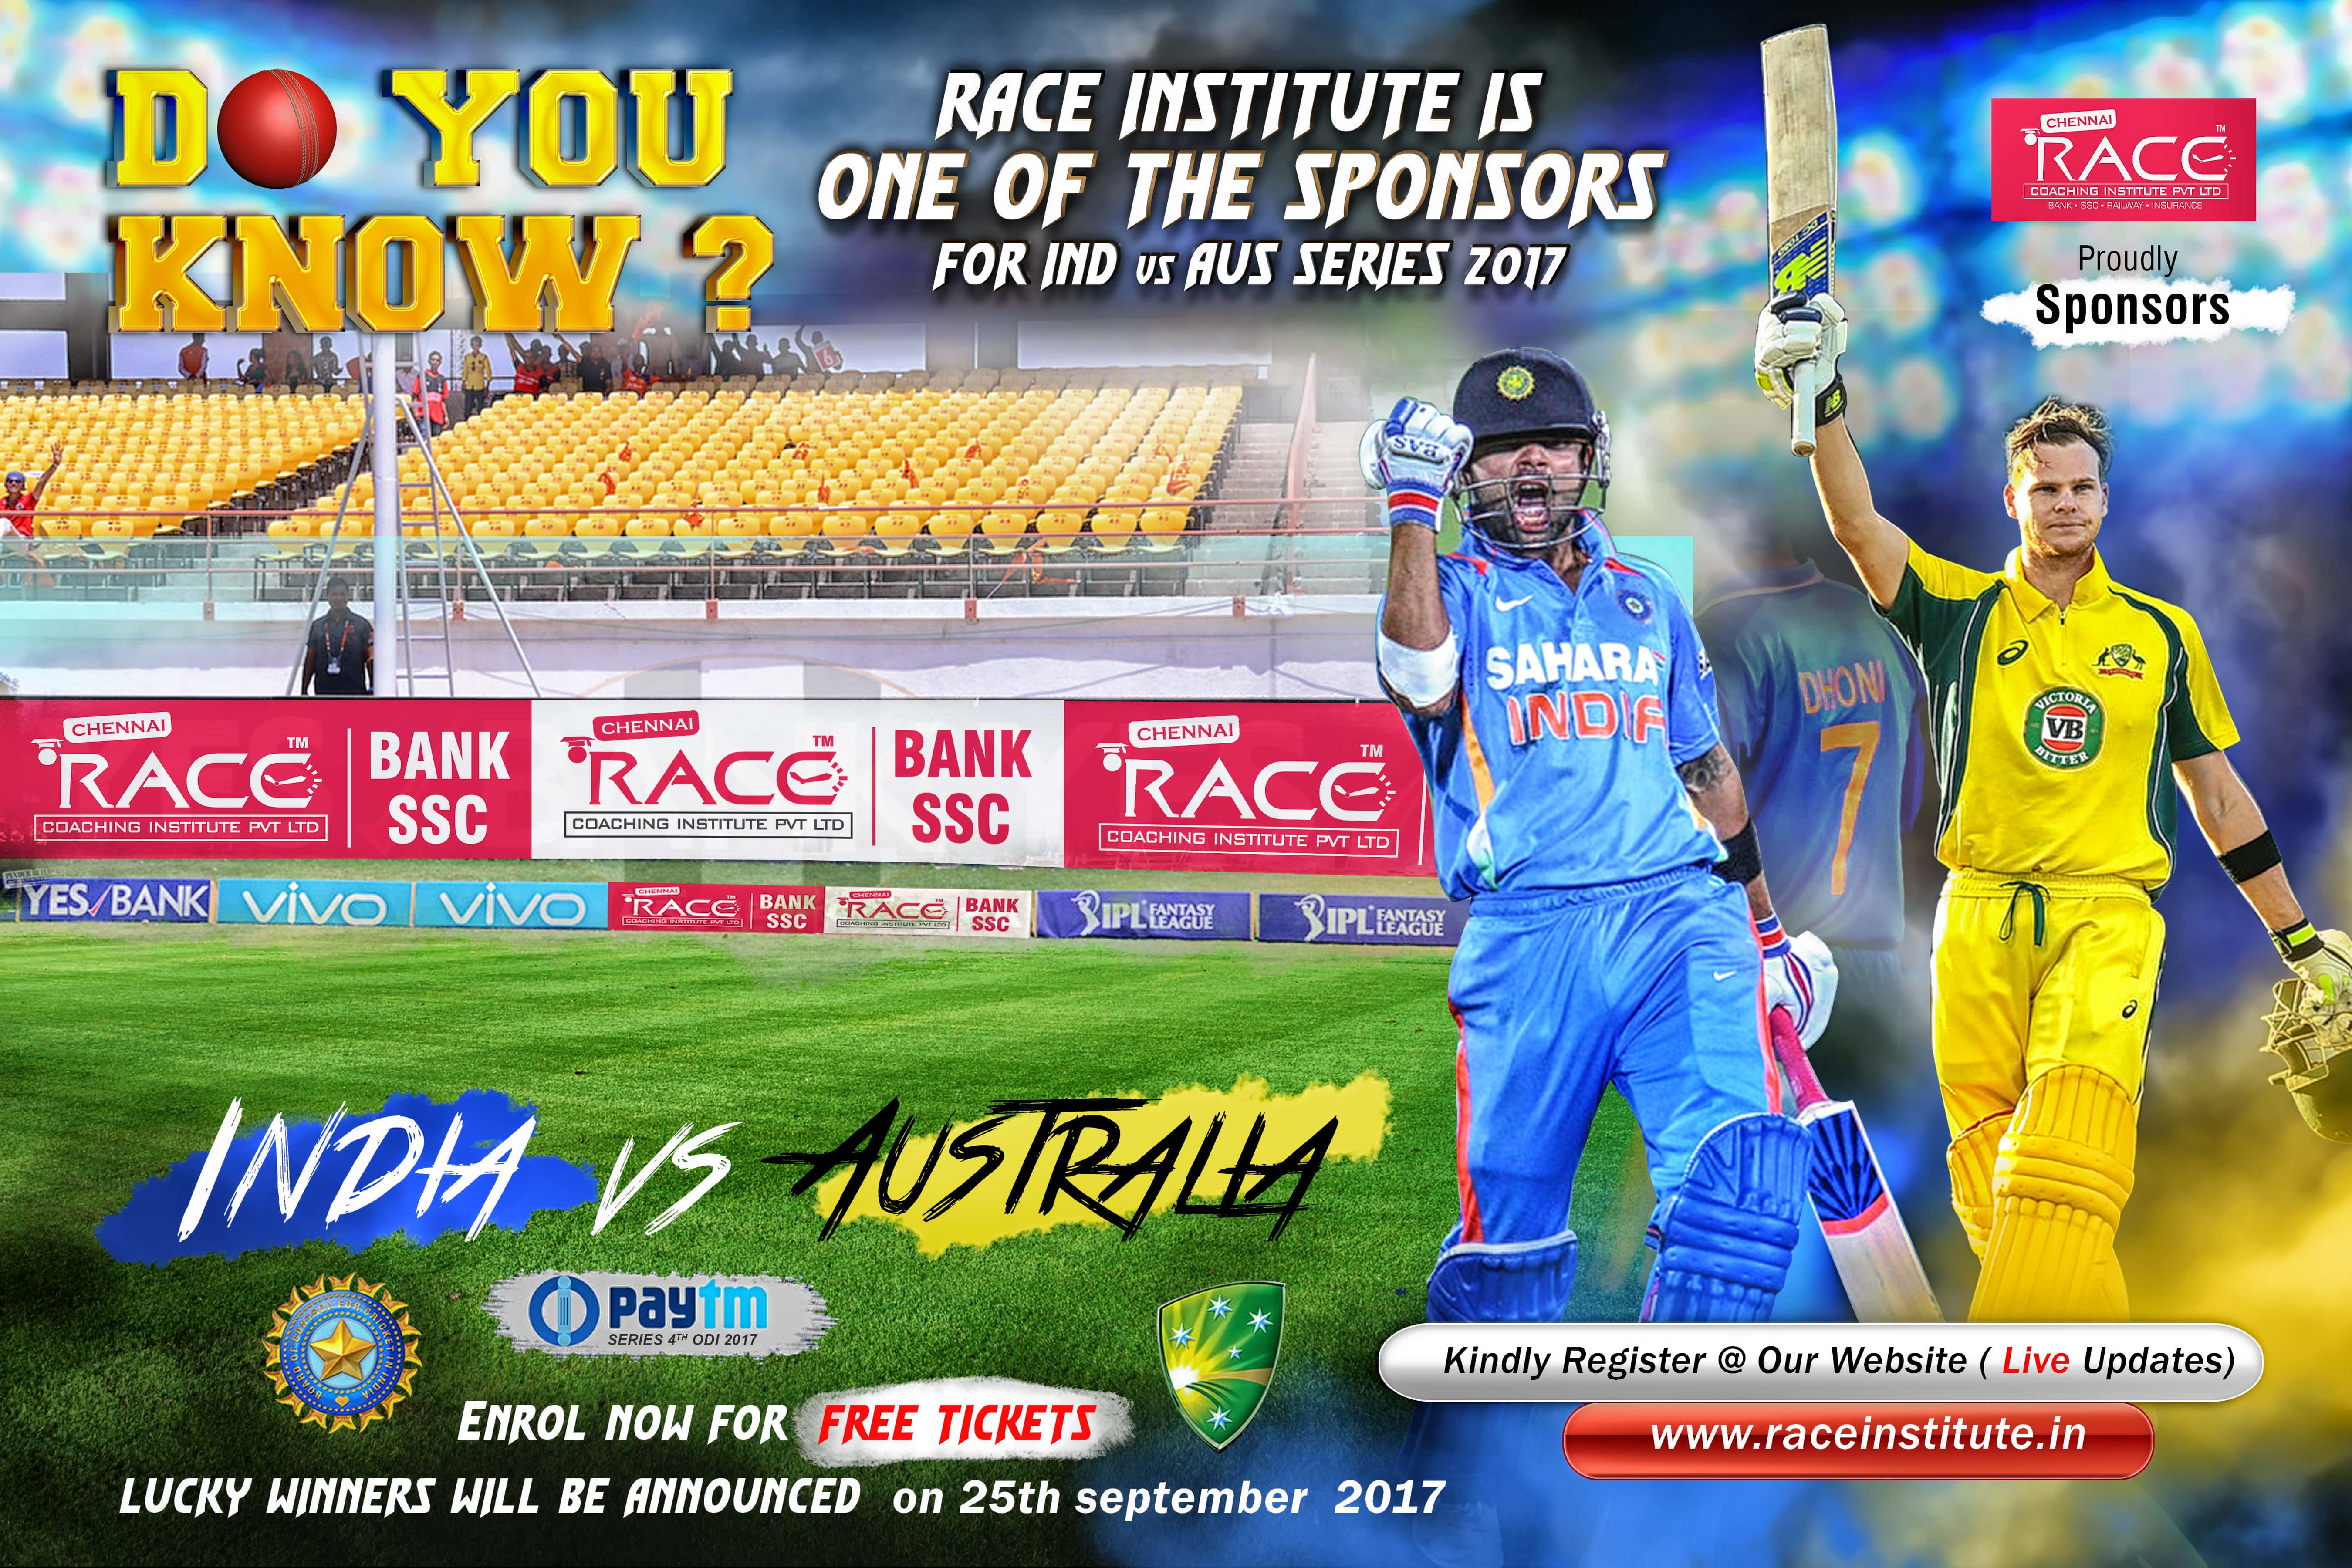 India Vs Australia Live Match 2017 - Chennai RACEINSTITUTE